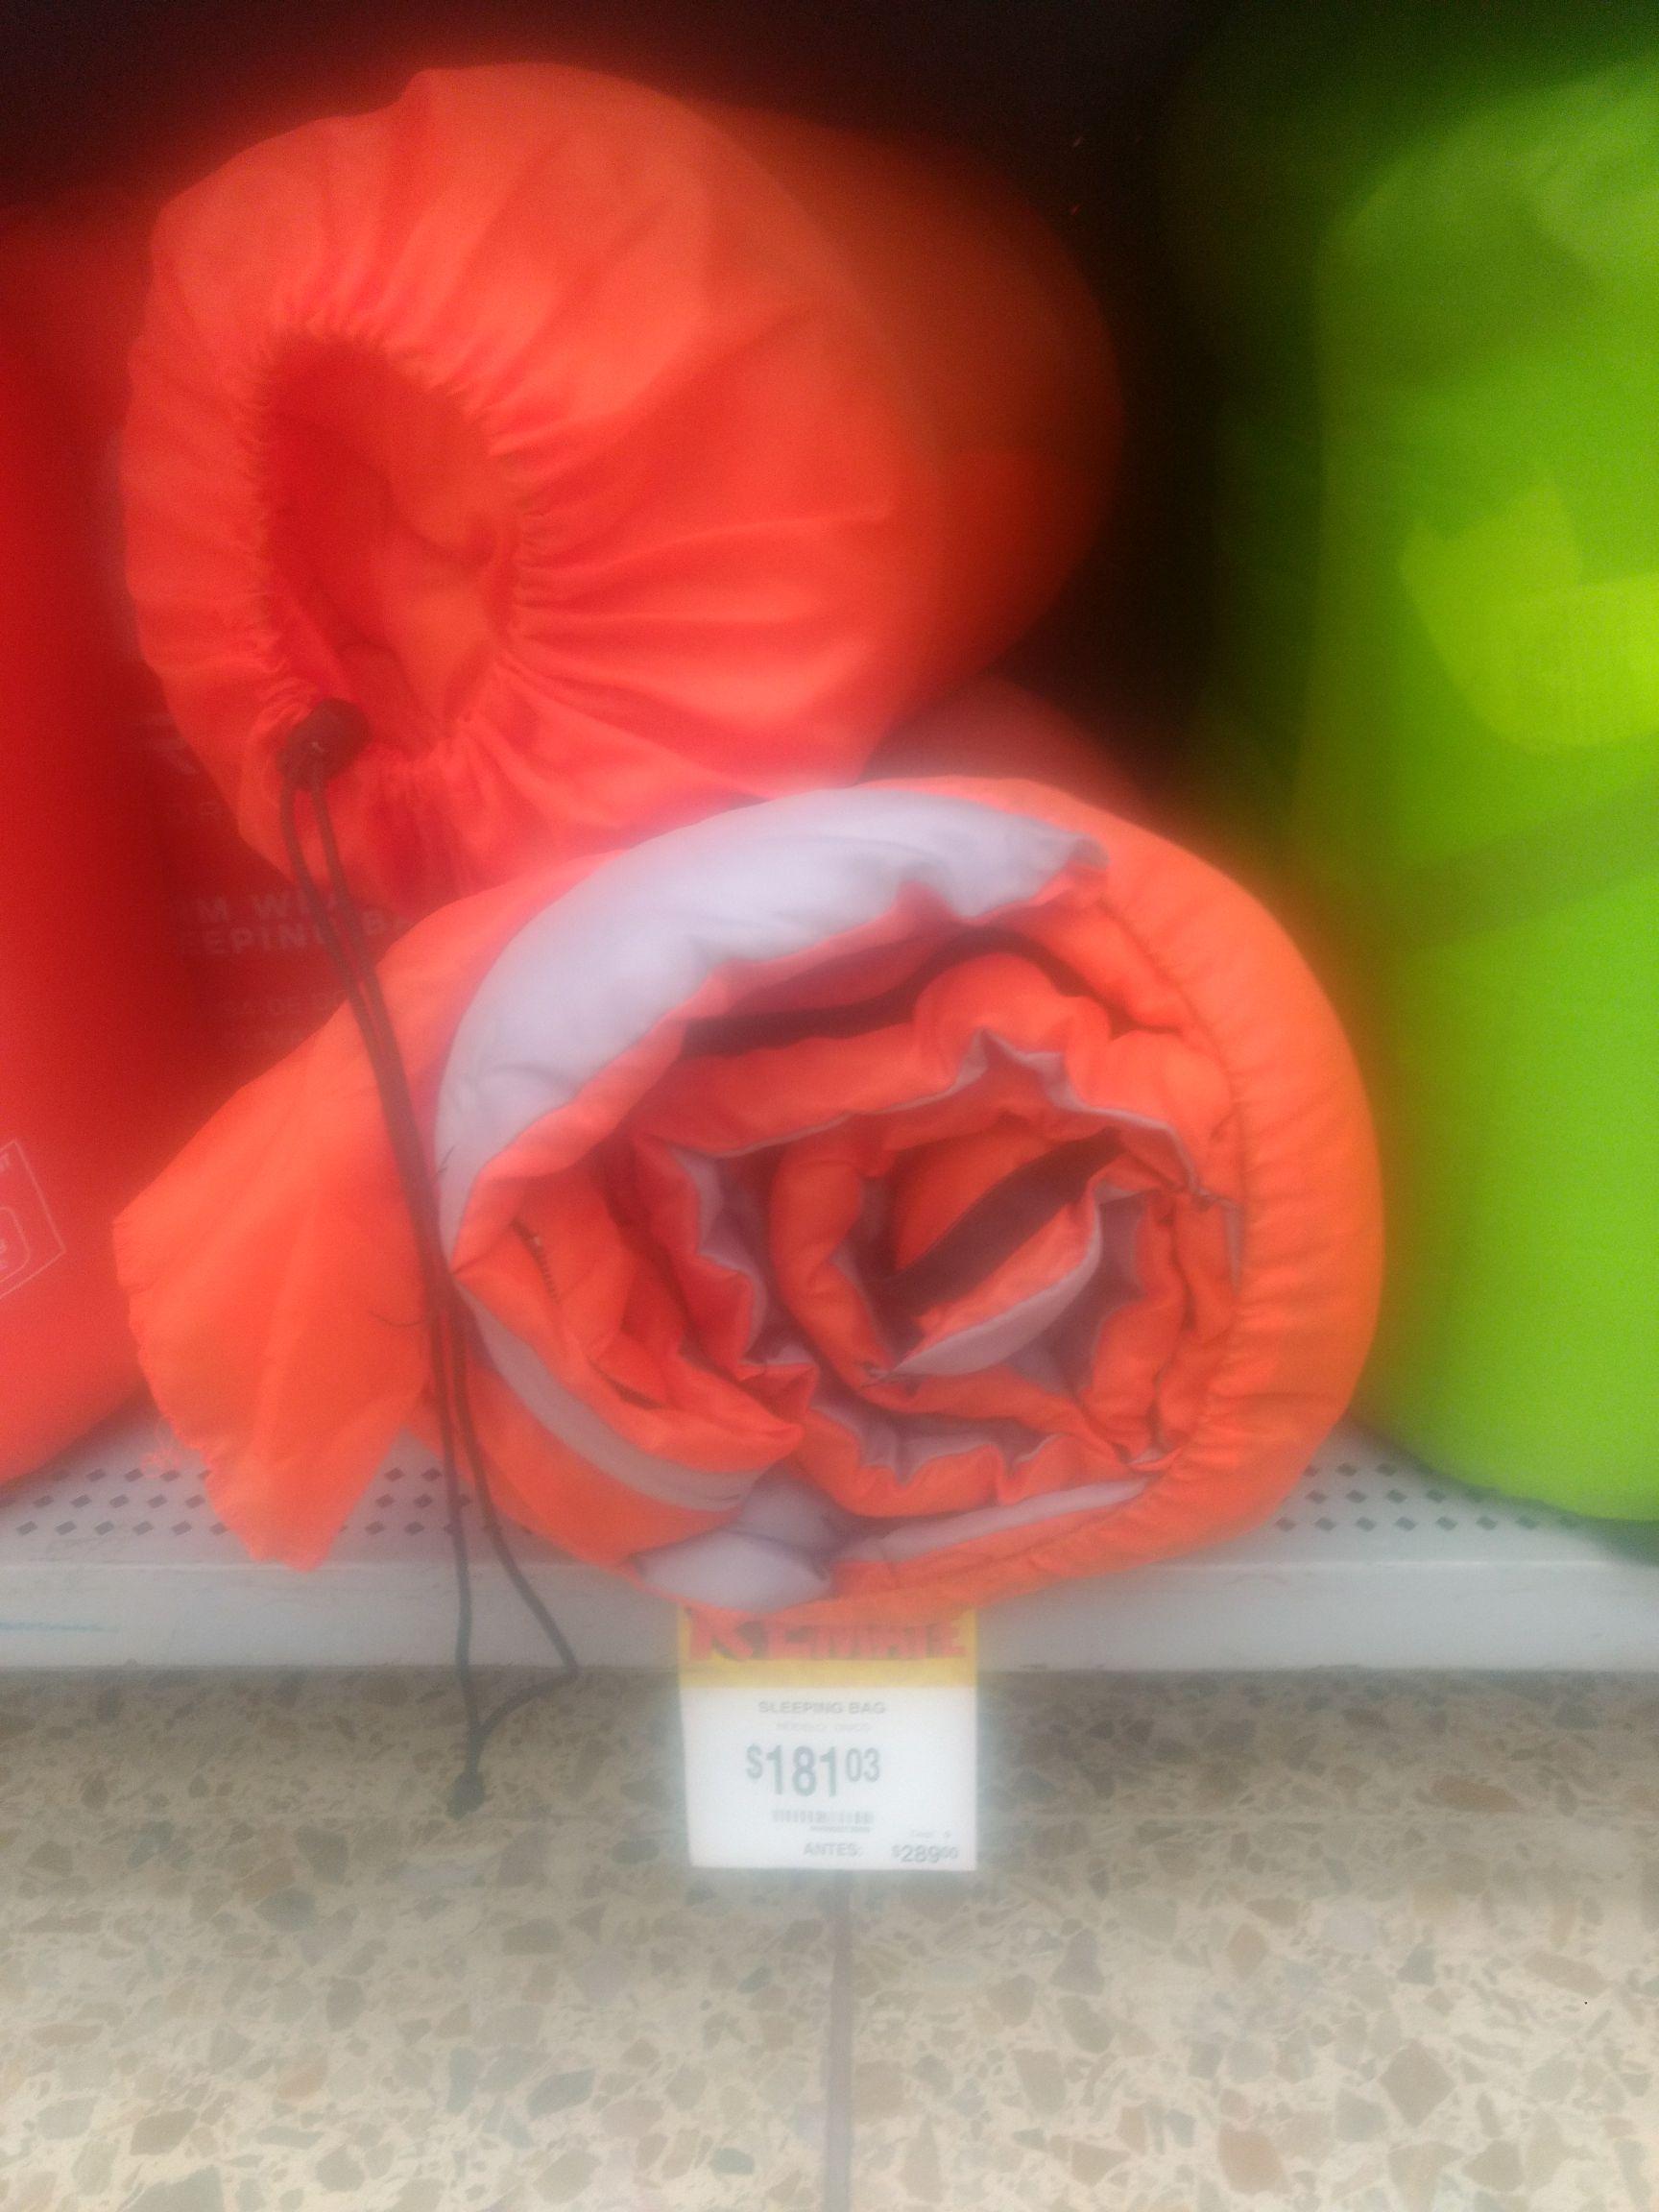 Bodega Aurrerá: Sleeping bag $181.03 y más